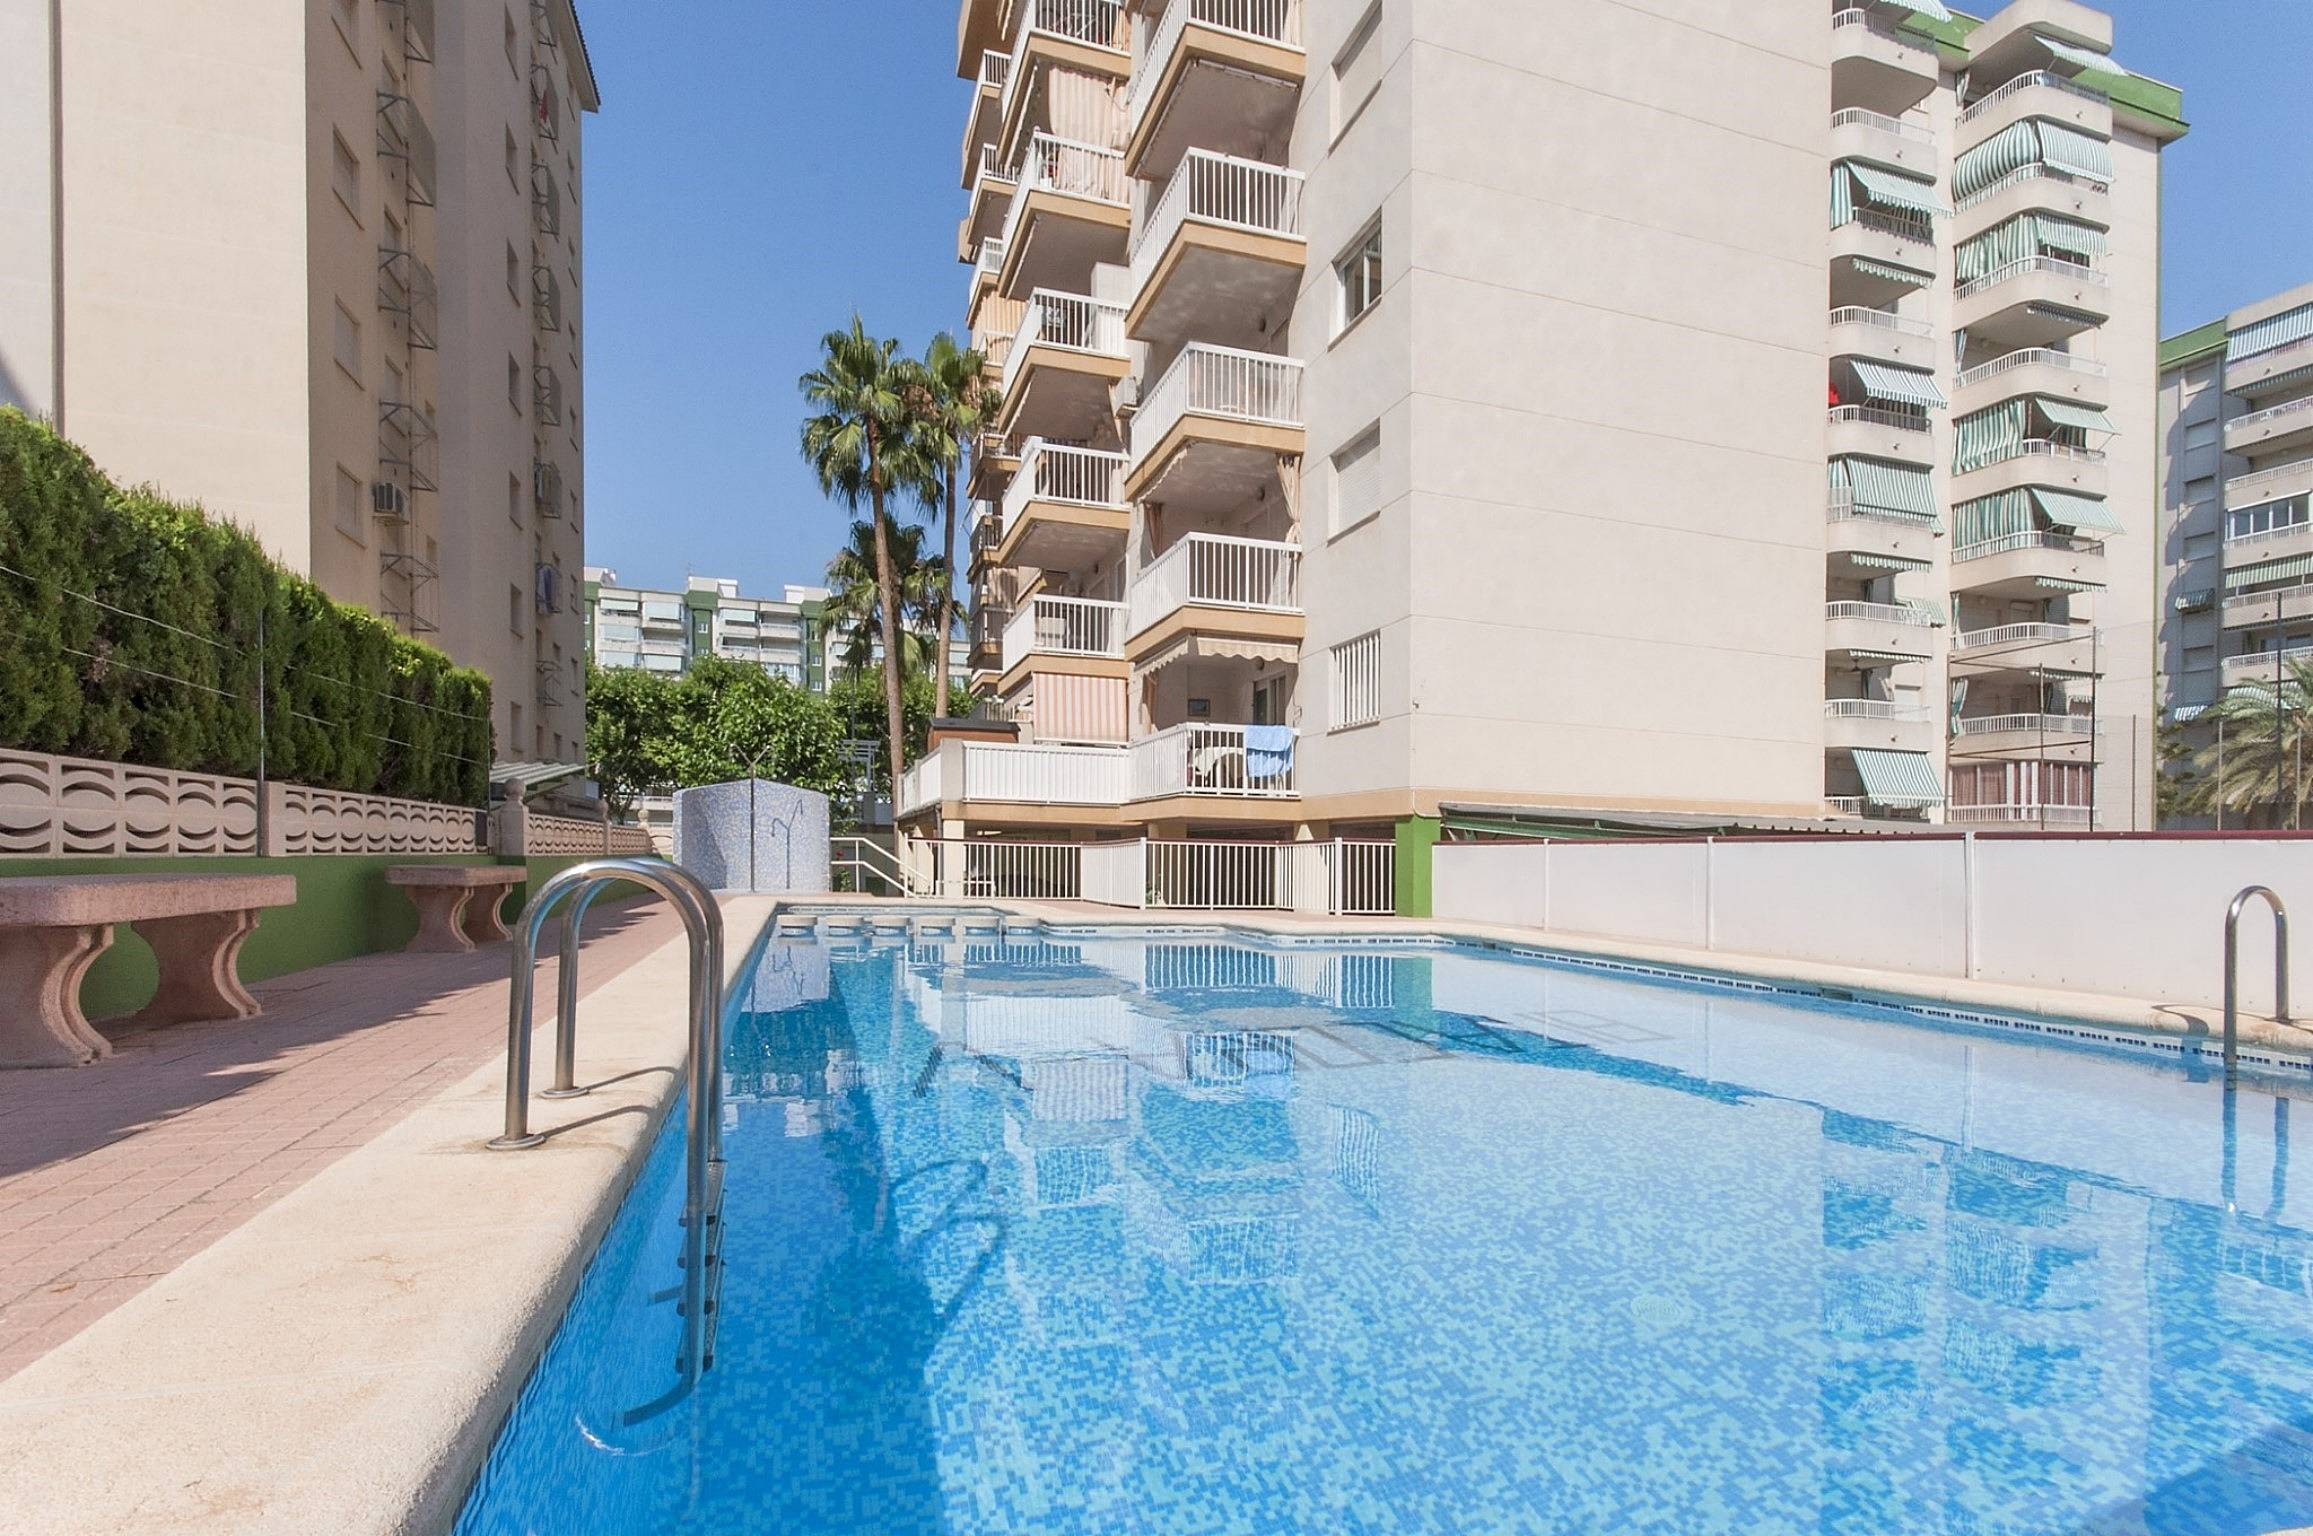 Consuelda apartamento para 6 personas en playa de gandia grau i platja gandia valencia - Apartamentos en gandia playa ...